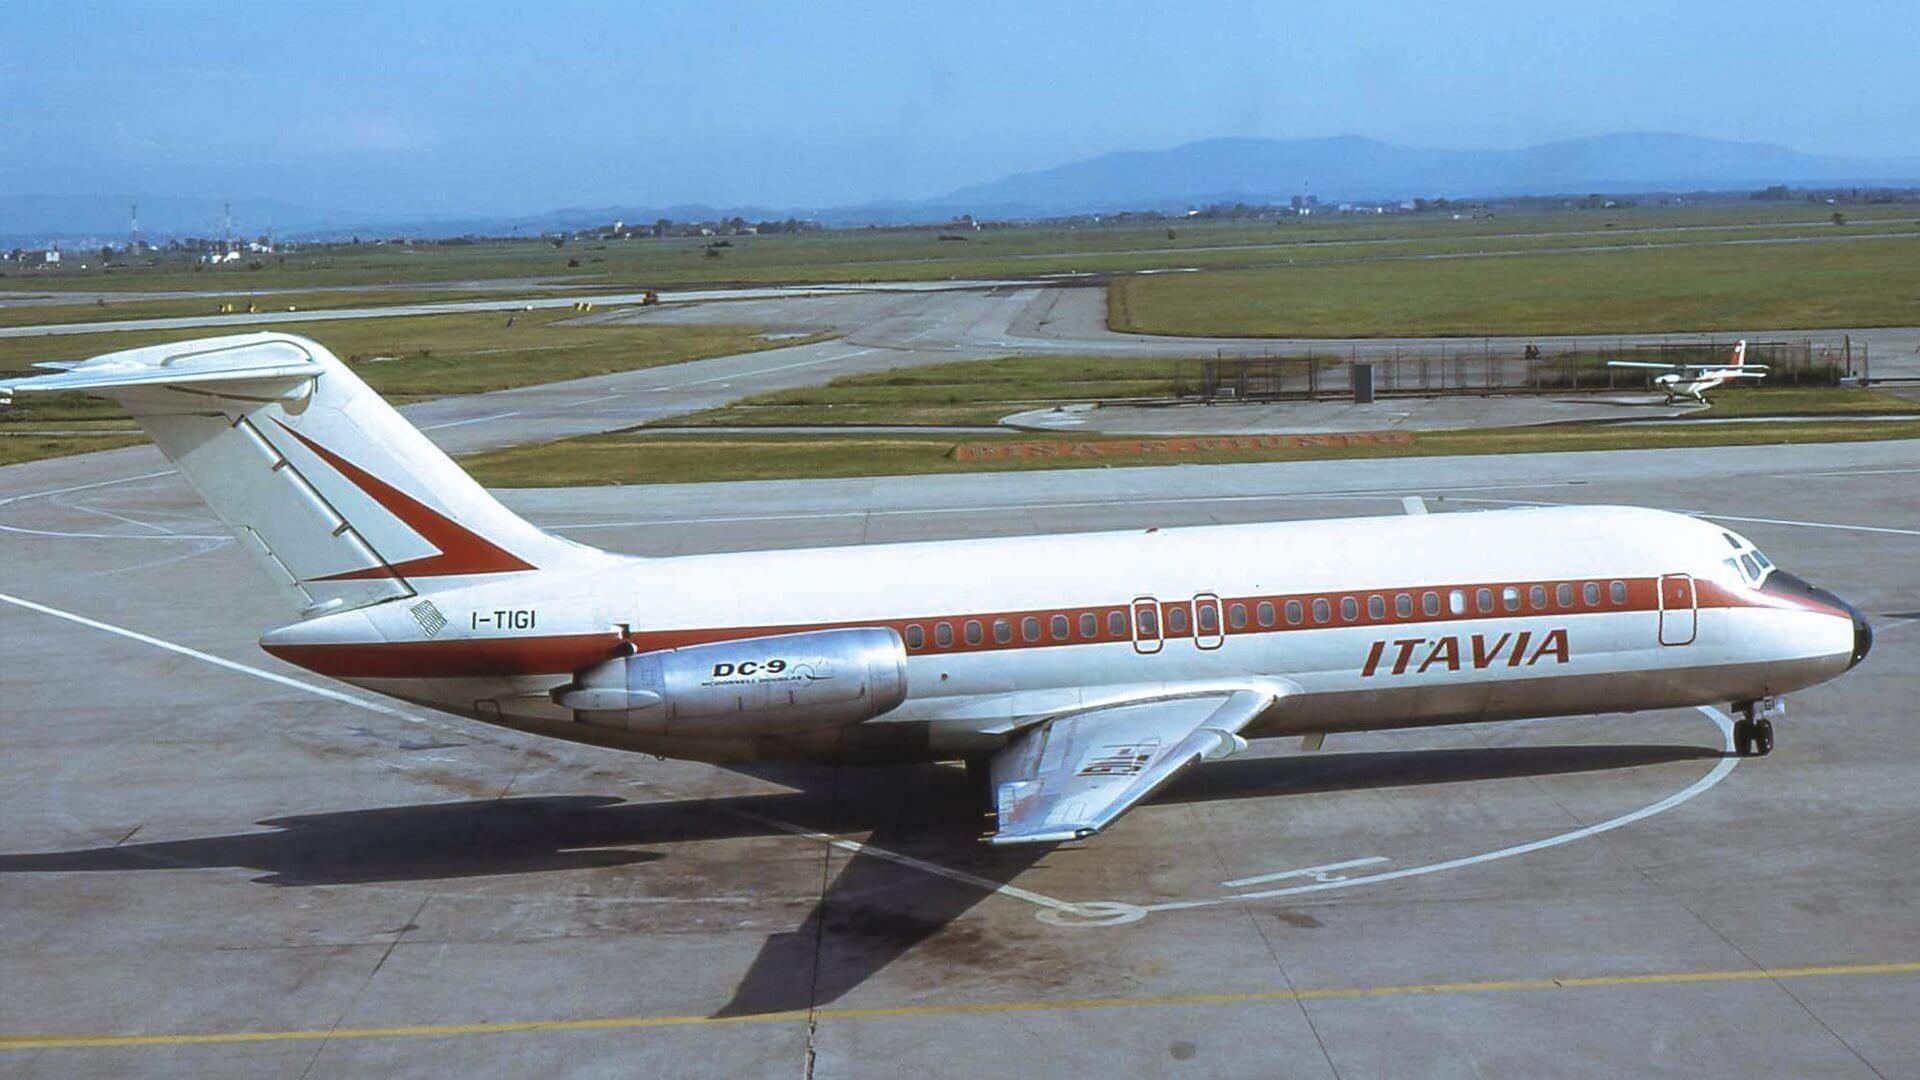 La strage di Ustica è stato il più grande disastro aereo italiano dopo Linate